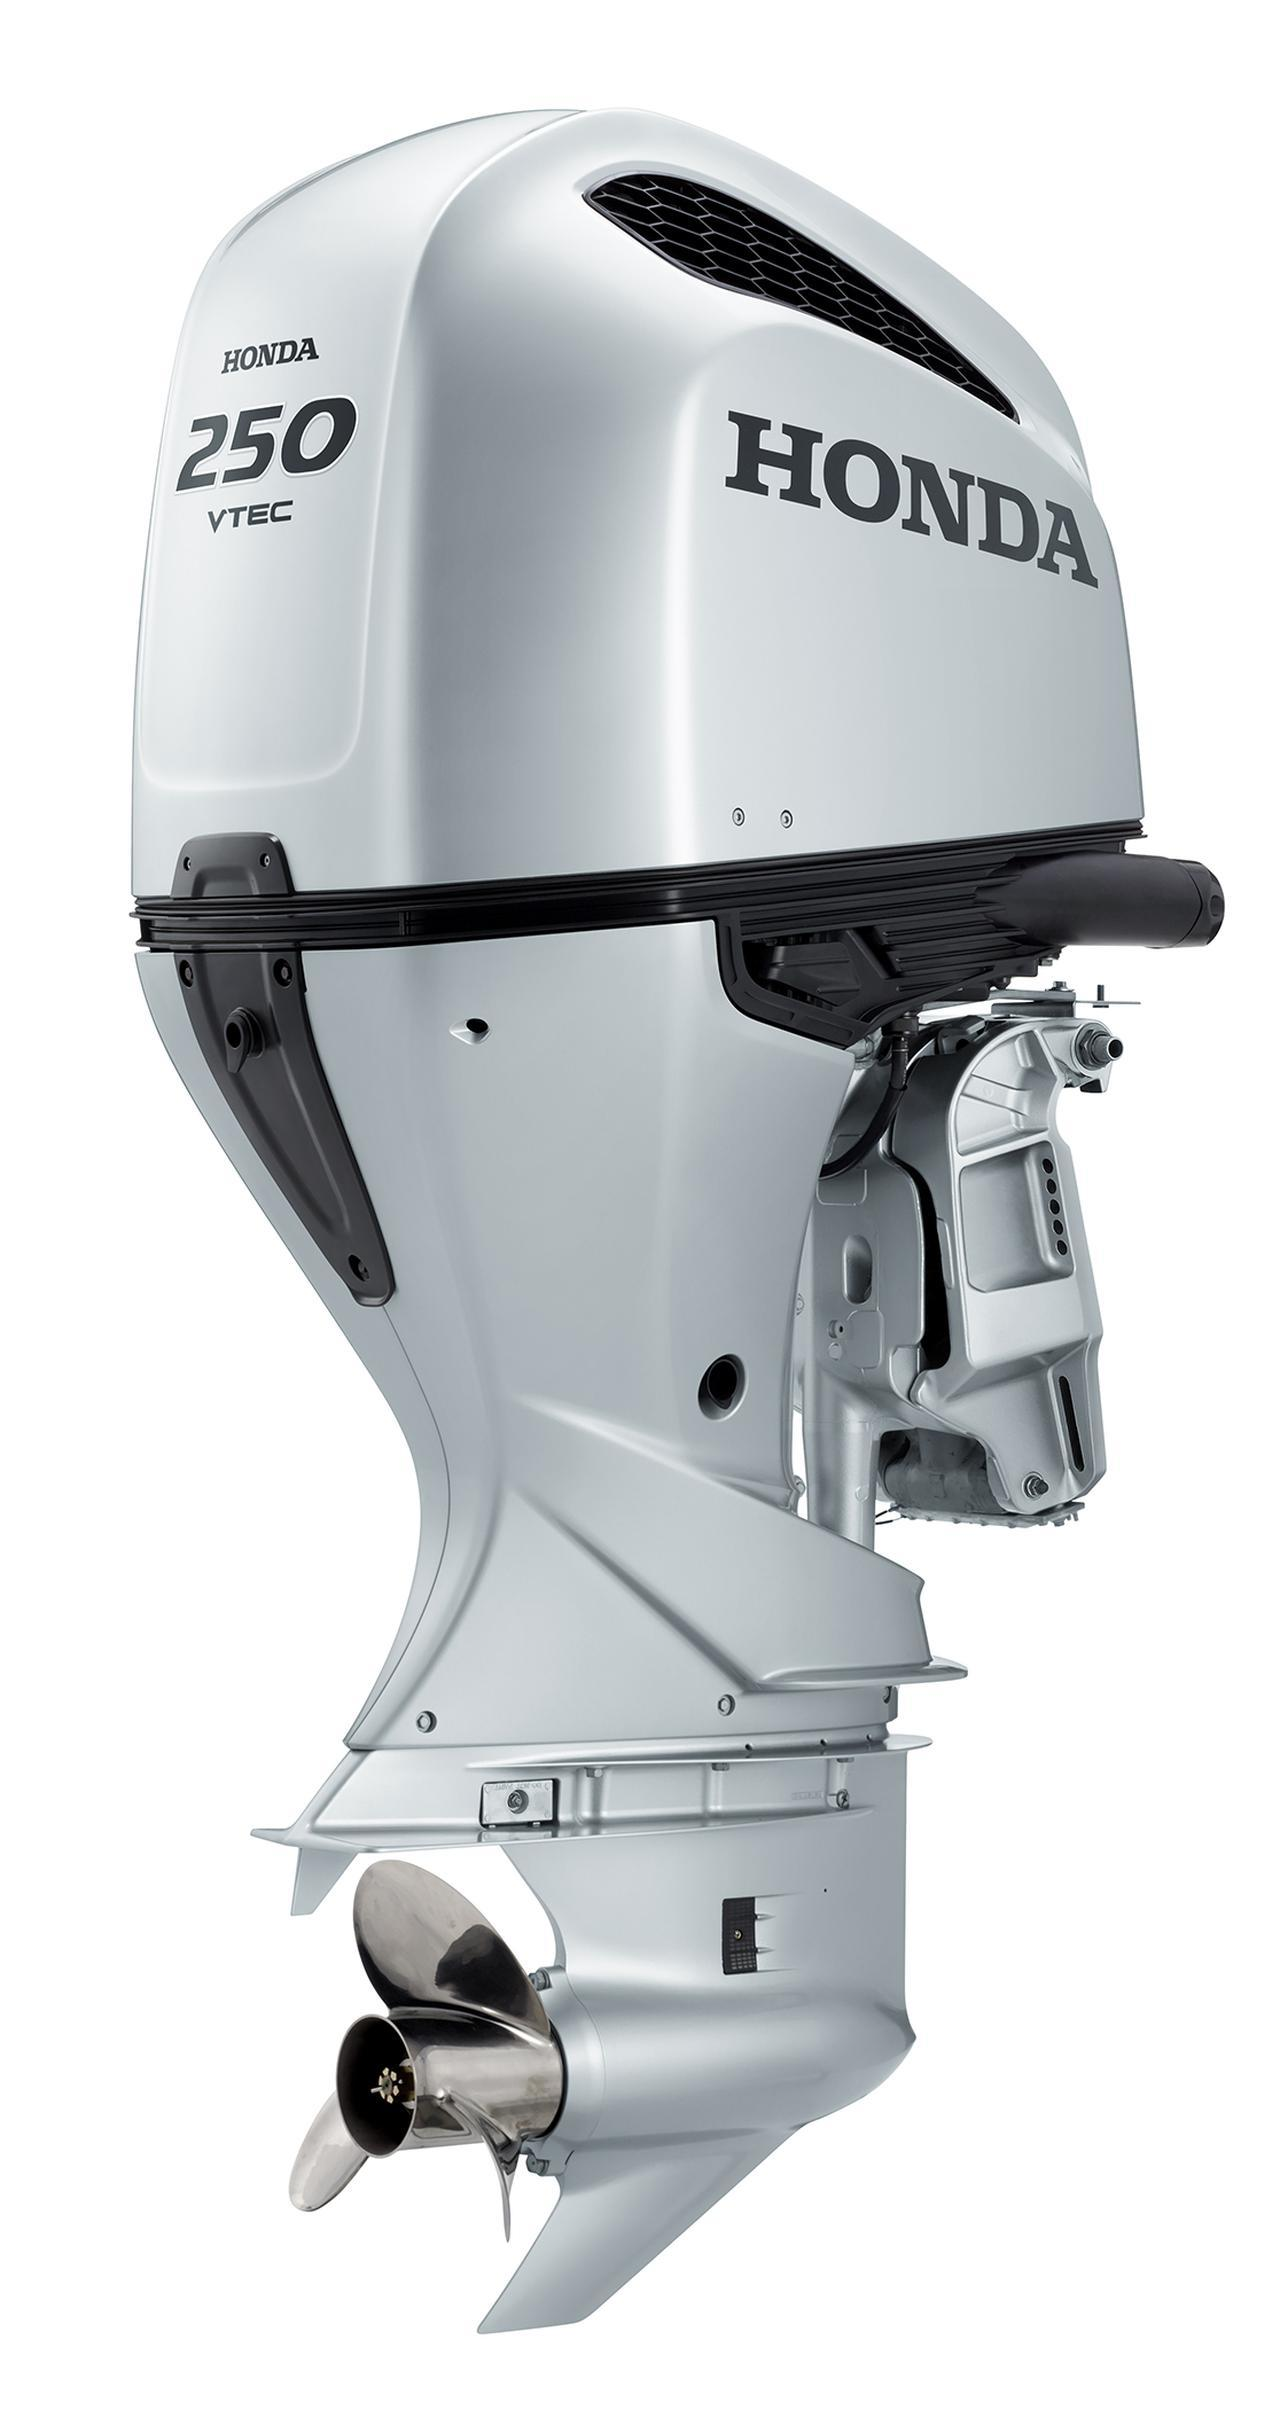 画像: BF250(250馬力)。 今回発表された4機種のなかでは最上位モデル www.honda.co.jp